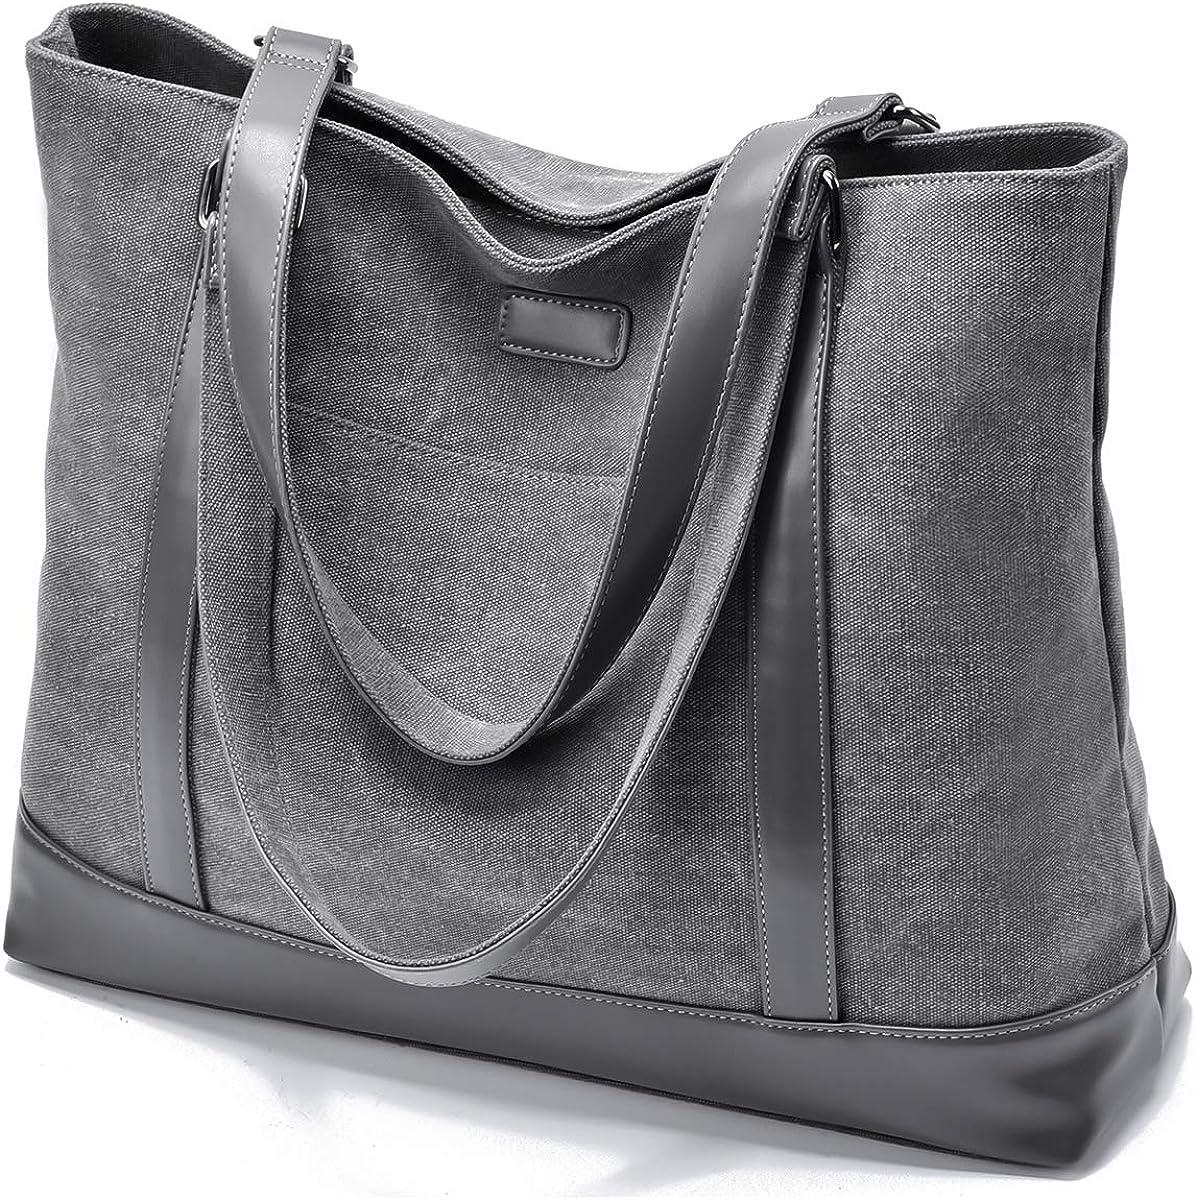 Women Laptop Tote for Work 15.6 Inch Large Canvas Handbag Purse Shoulder Bag